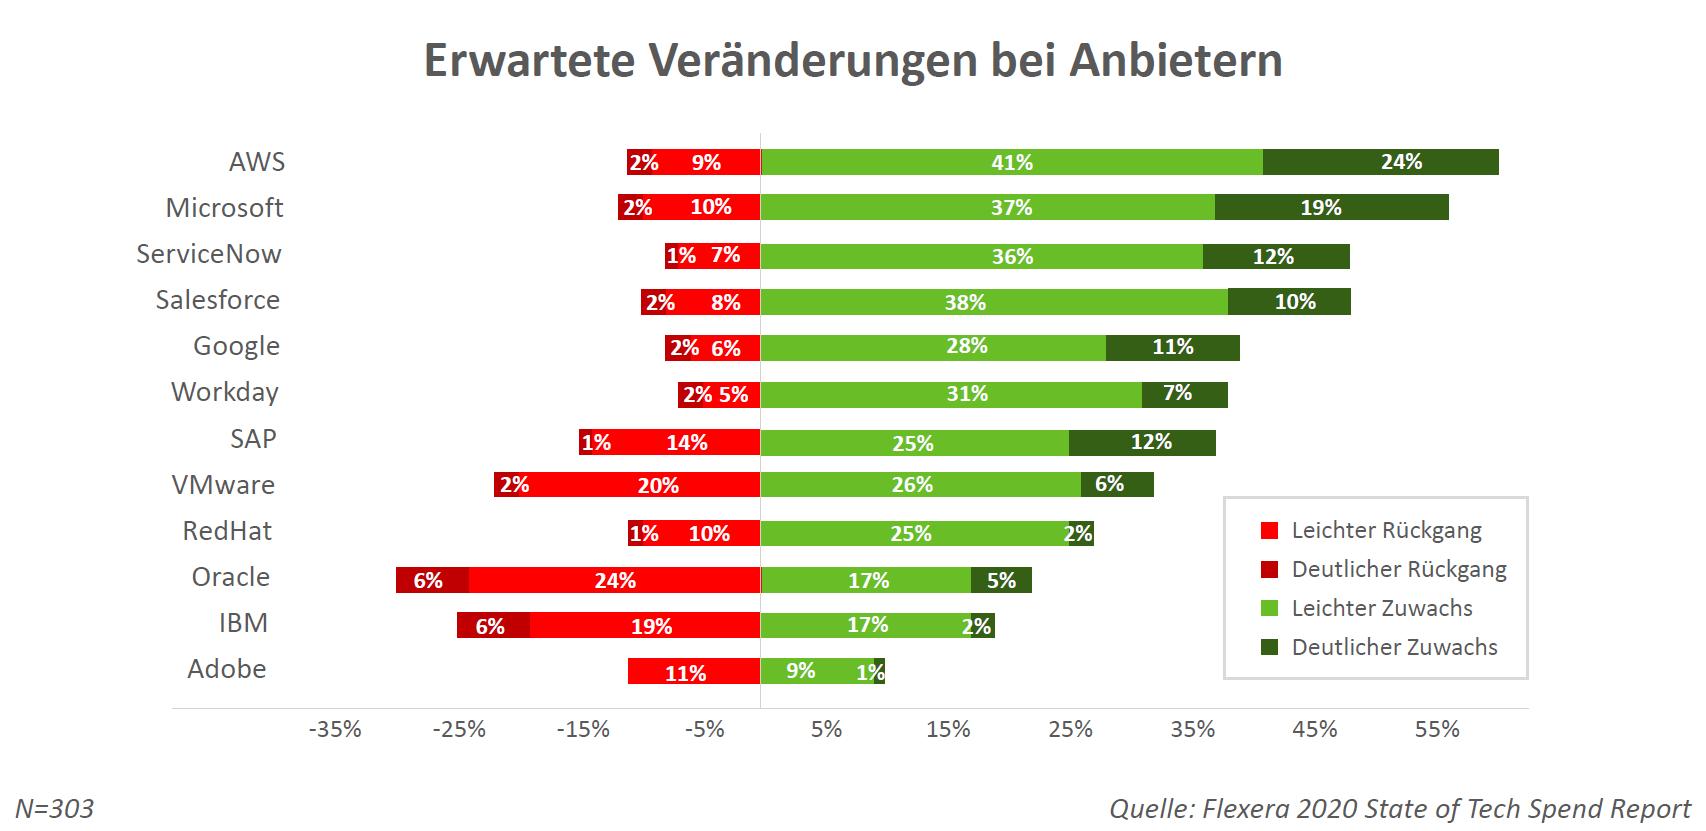 65% der Befragten erwarten einen Anstieg ihrer Nutzung von AWS im nächsten Jahr